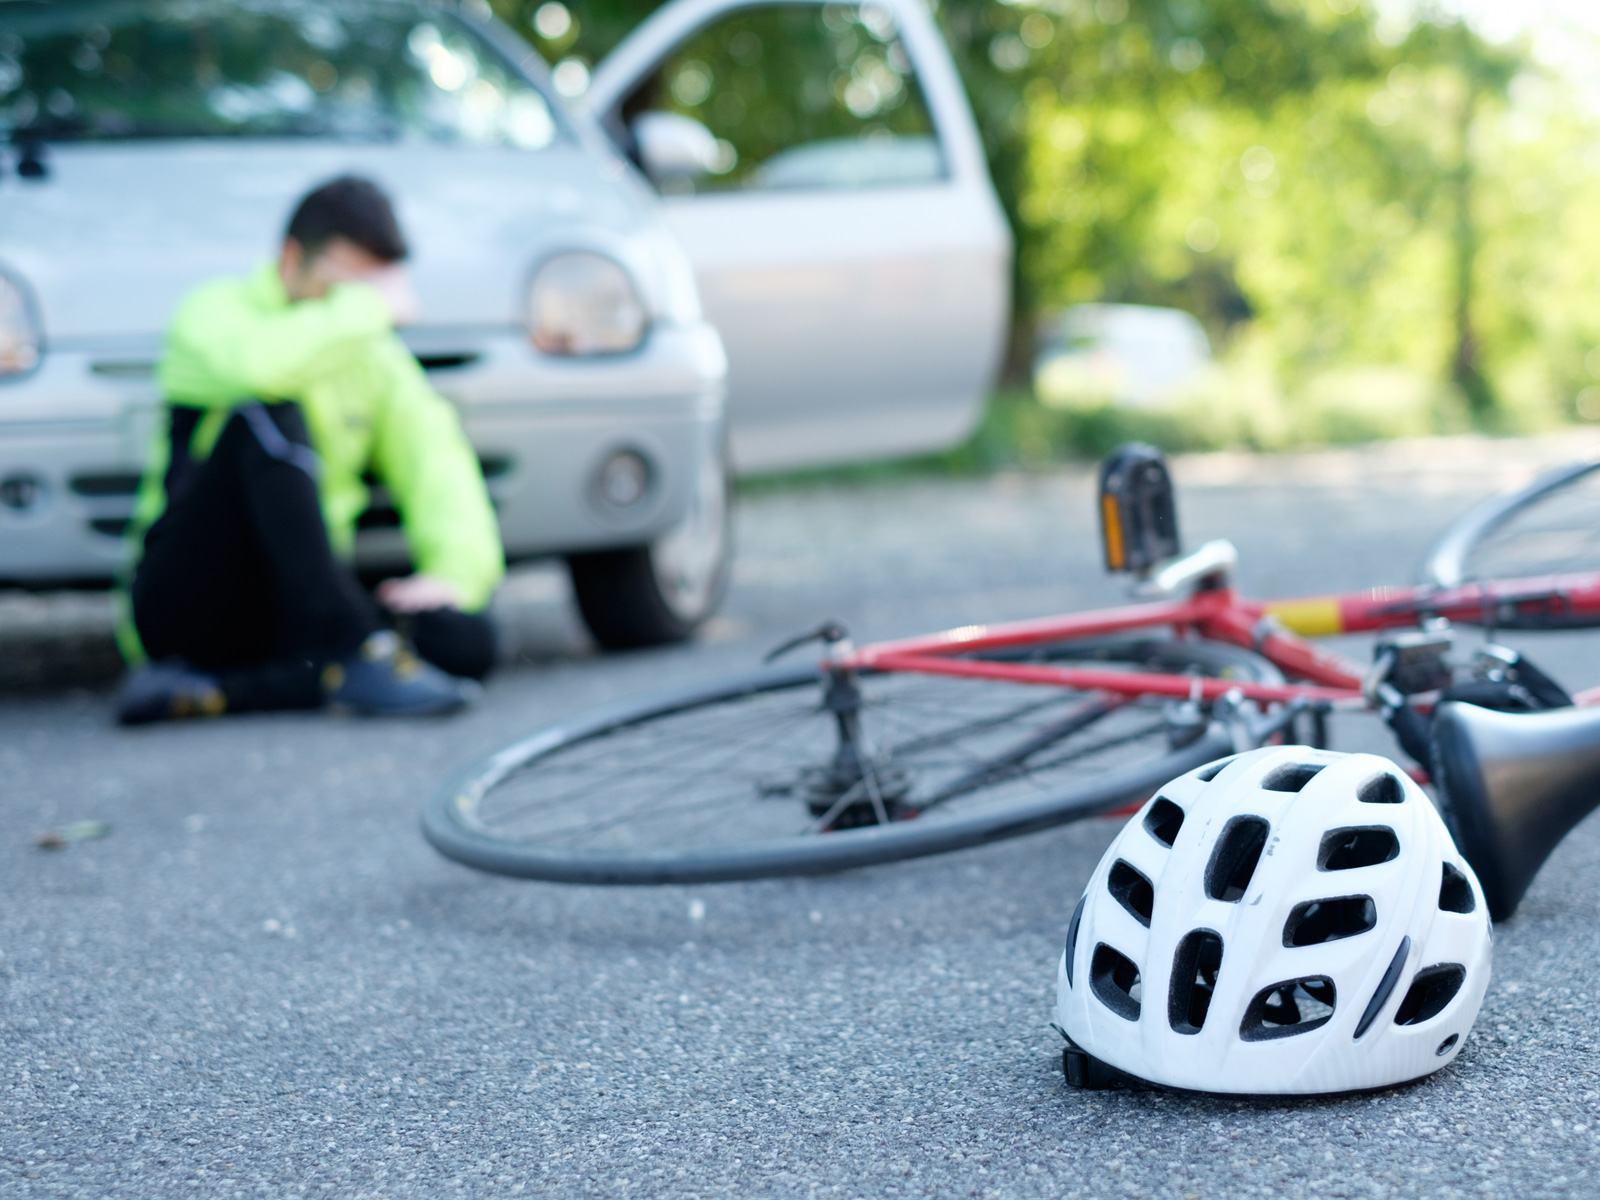 bicycle-accident-wilmington-de